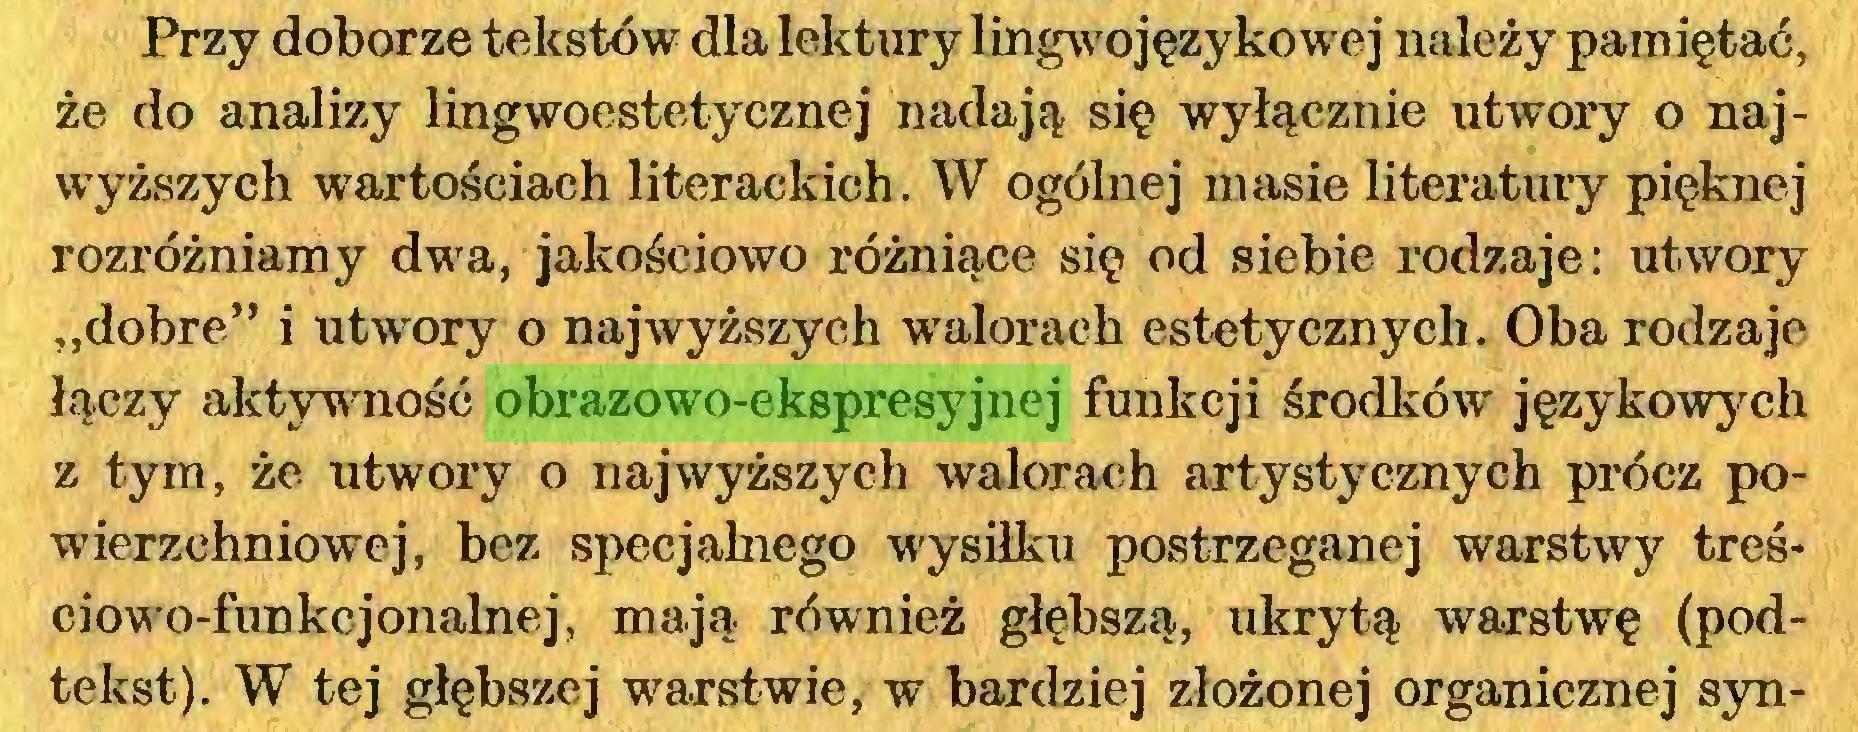 """(...) Przy doborze tekstów dla lektury lingwojęzykowe j należy pamiętać, że do analizy lingwoestetycznej nadają się wyłącznie utwory o najwyższych wartościach literackich. W ogólnej masie literatury pięknej rozróżniamy dwa, jakościowo różniące się od siebie rodzaje: utwory """"dobre"""" i utwory o najwyższych walorach estetycznych. Oba rodzaje łączy aktywność obrazowo-ekspresyjnej funkcji środków językowych z tym, że utwory o najwyższych walorach artystycznych prócz powierzchniowej, bez specjalnego wysiłku postrzeganej warstwy treściowo-fimkcjonalnej, mają również głębszą, ukrytą warstwę (podtekst). W tej głębszej warstwie, w bardziej złożonej organicznej syn..."""